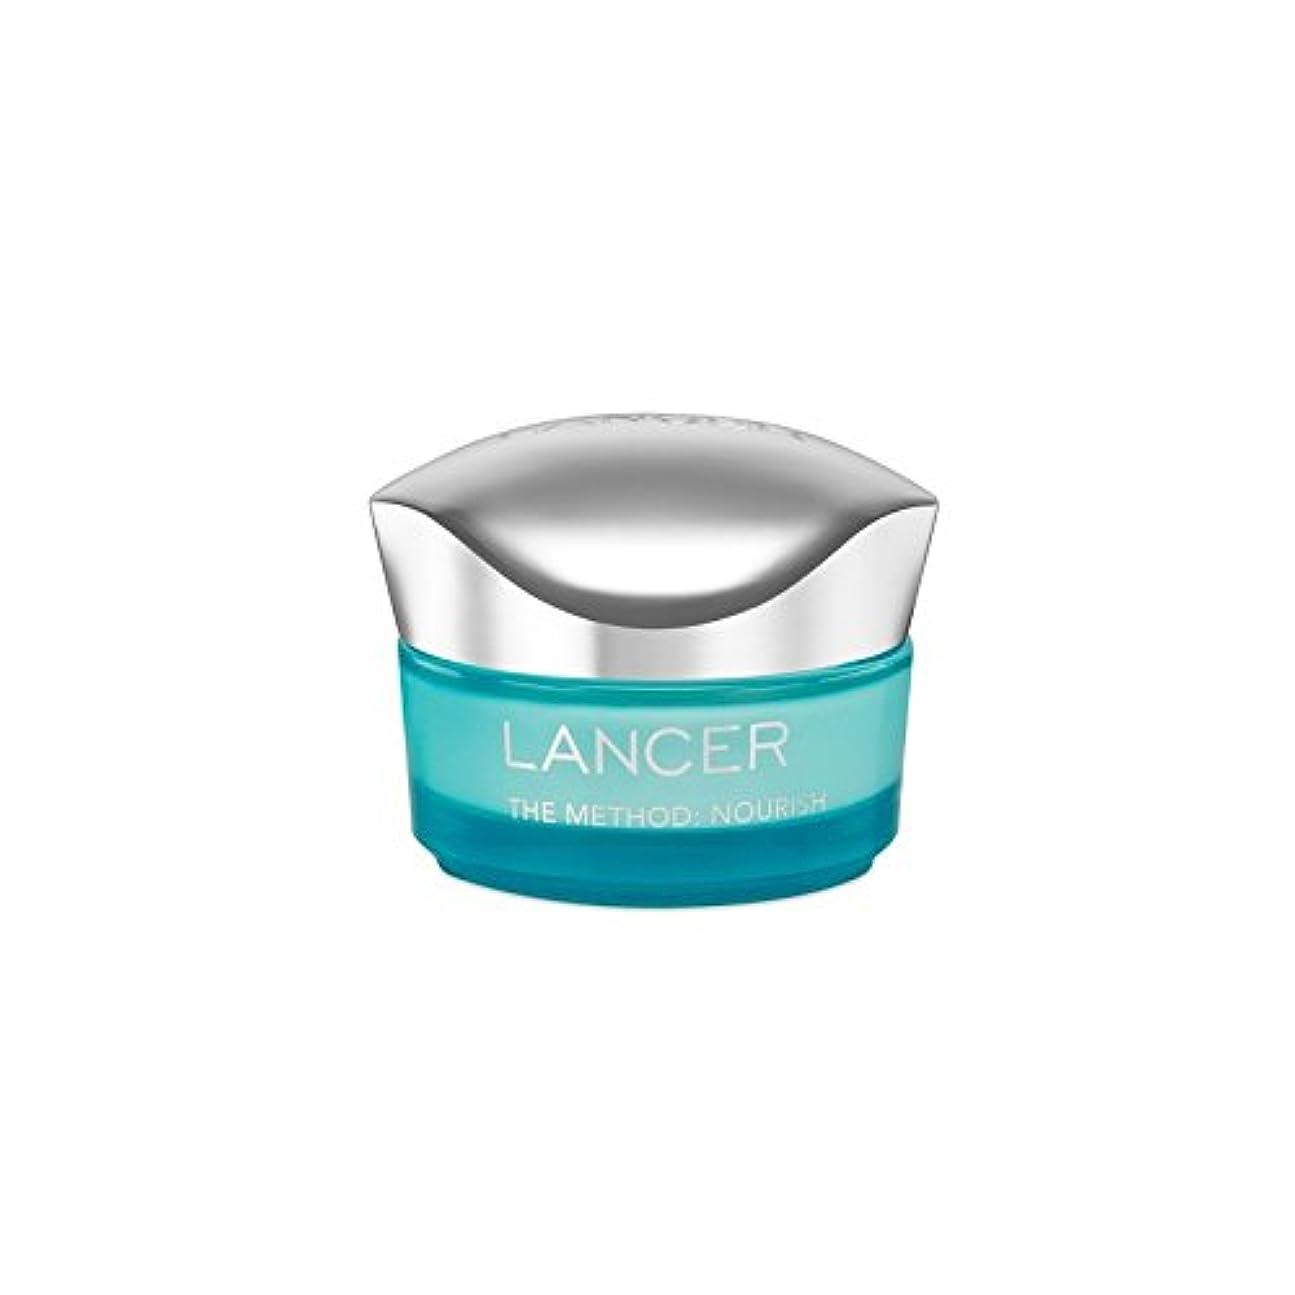 アイザックシェア試してみるLancer Skincare The Method: Nourish Moisturiser (50ml) - ランサーは、この方法をスキンケア:モイスチャライザー(50)に栄養を与えます [並行輸入品]